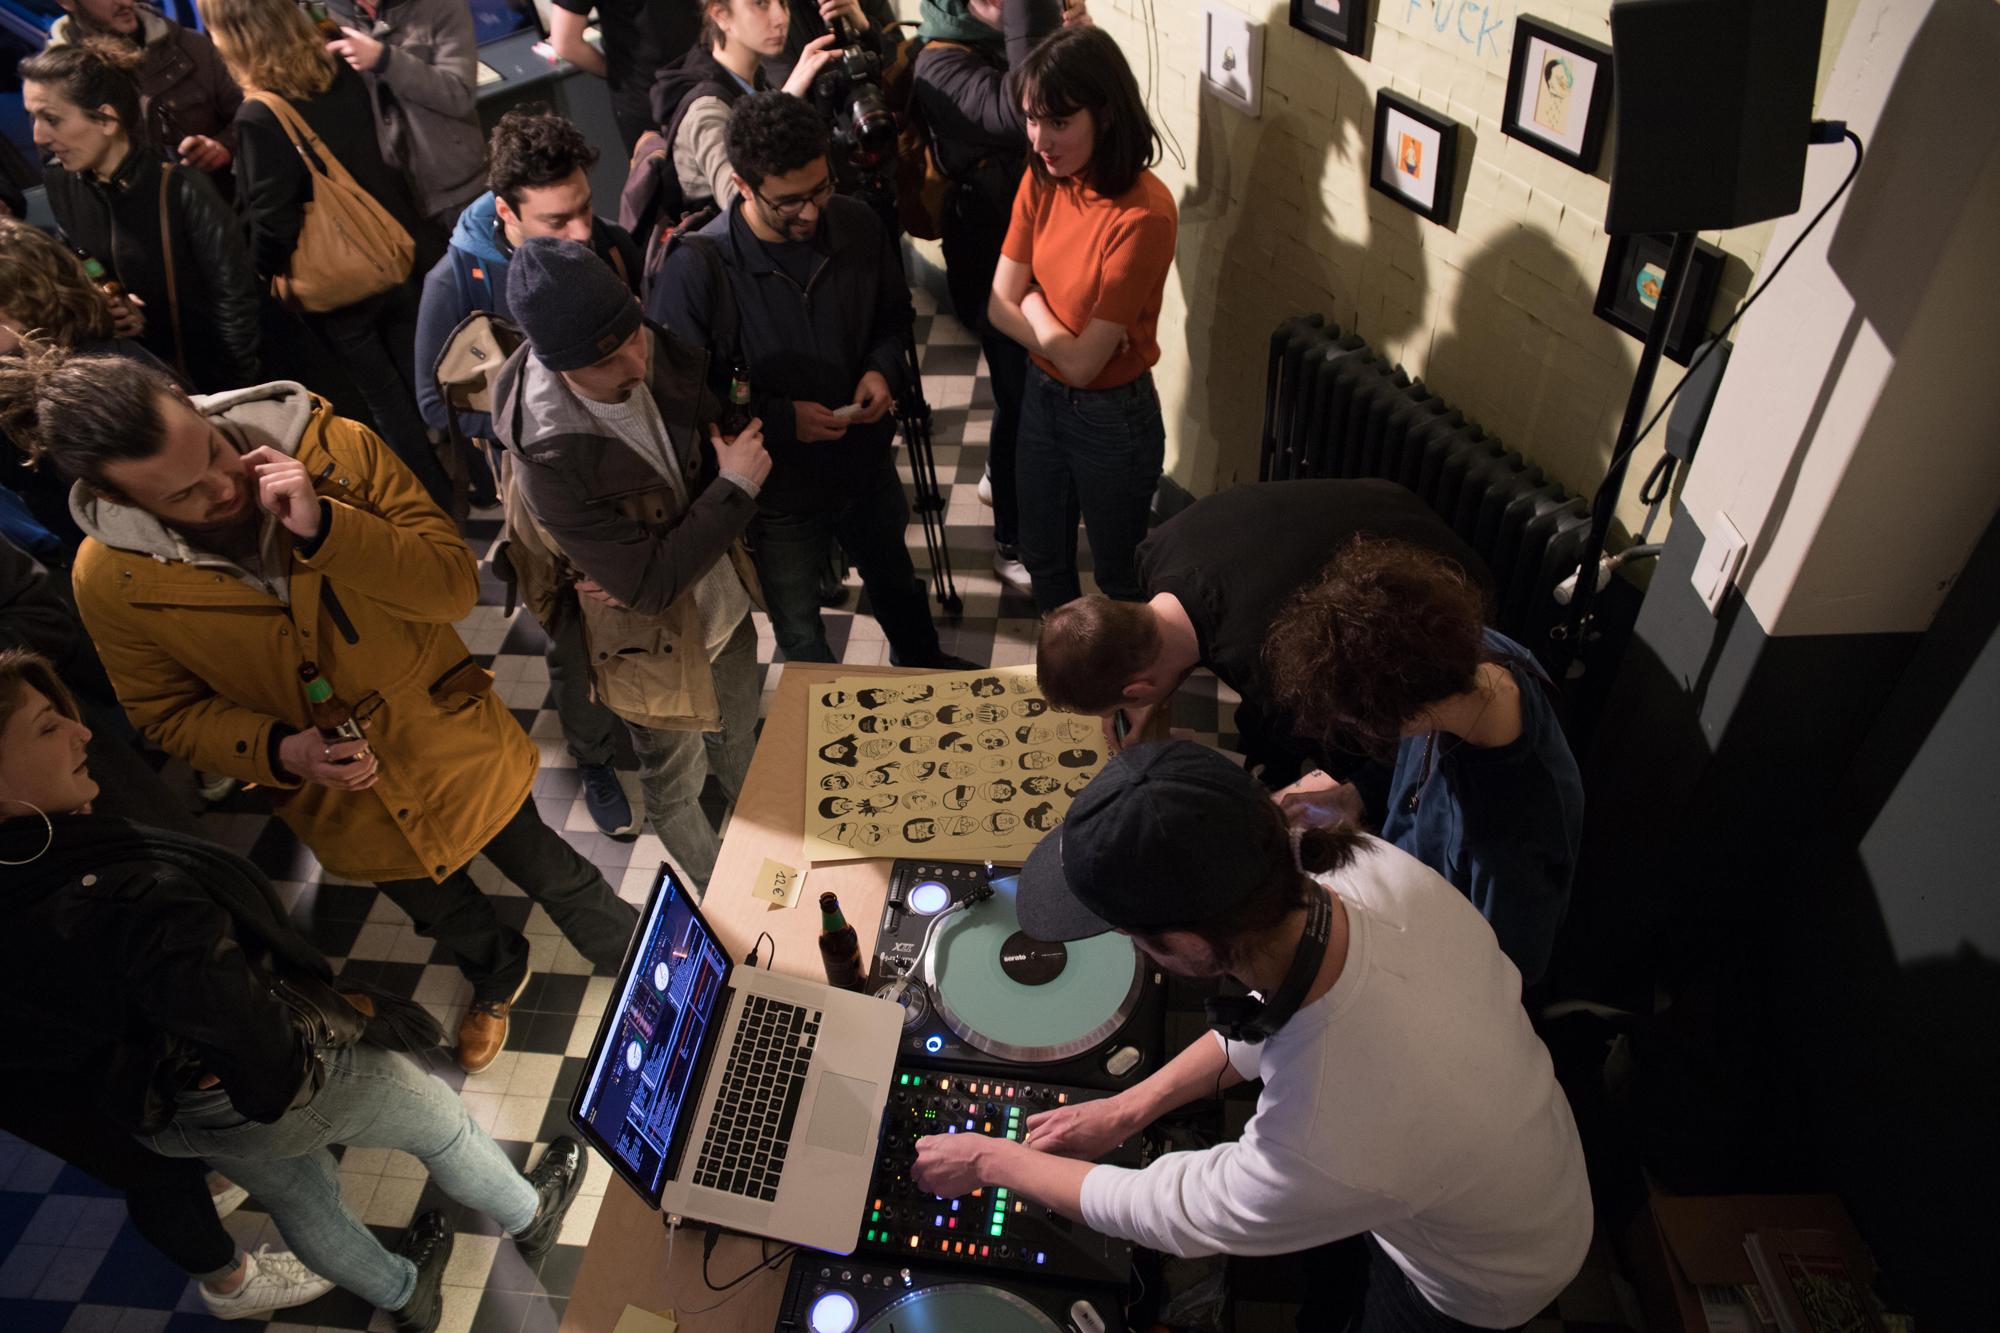 Vernissage-Gangster-Doodles-DJ-Set-20Syl-Espace-LVL-2